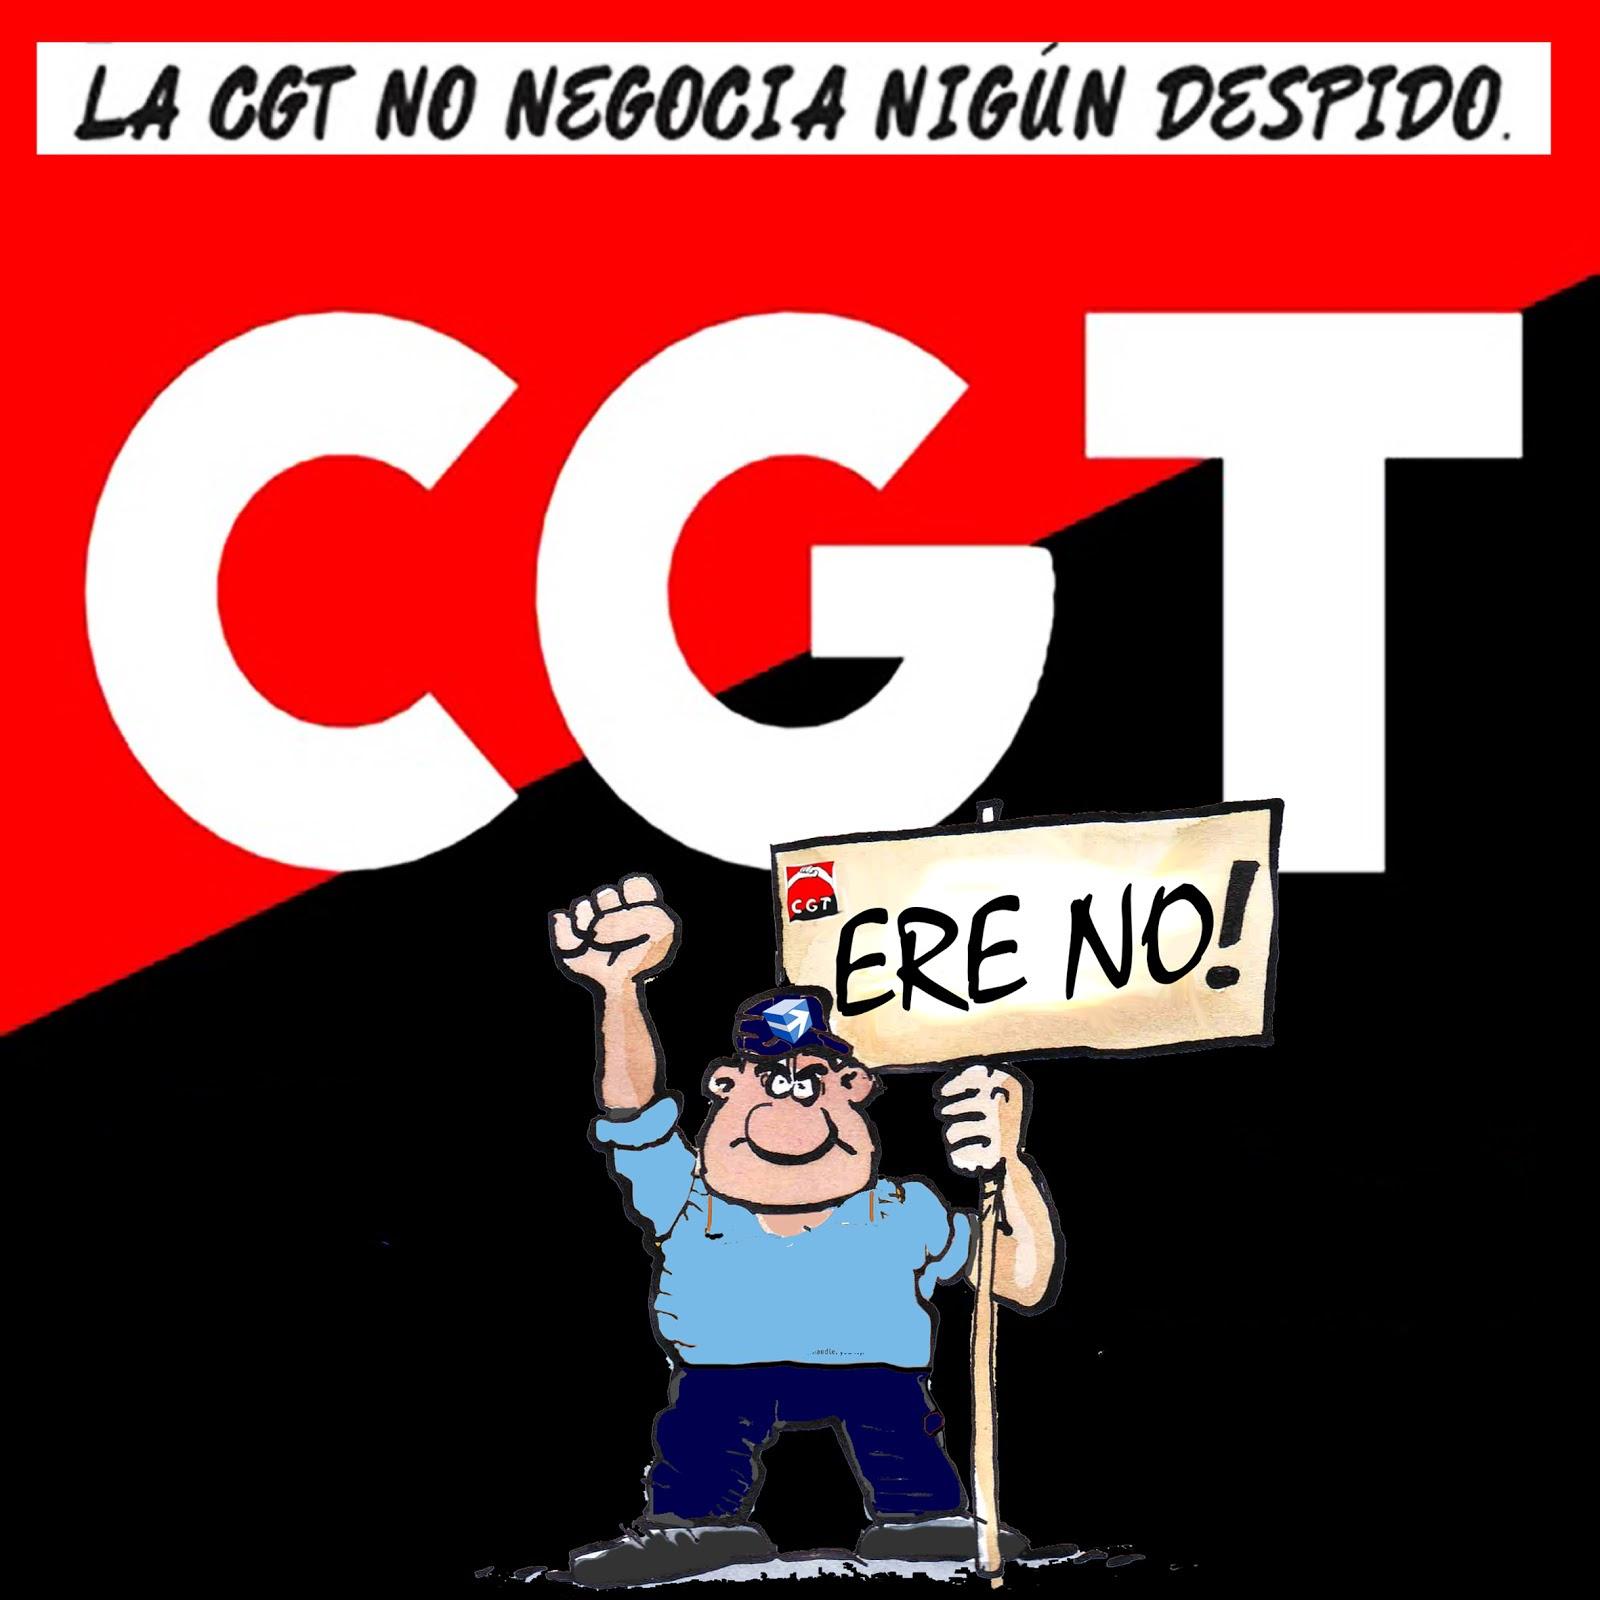 CGT ere no